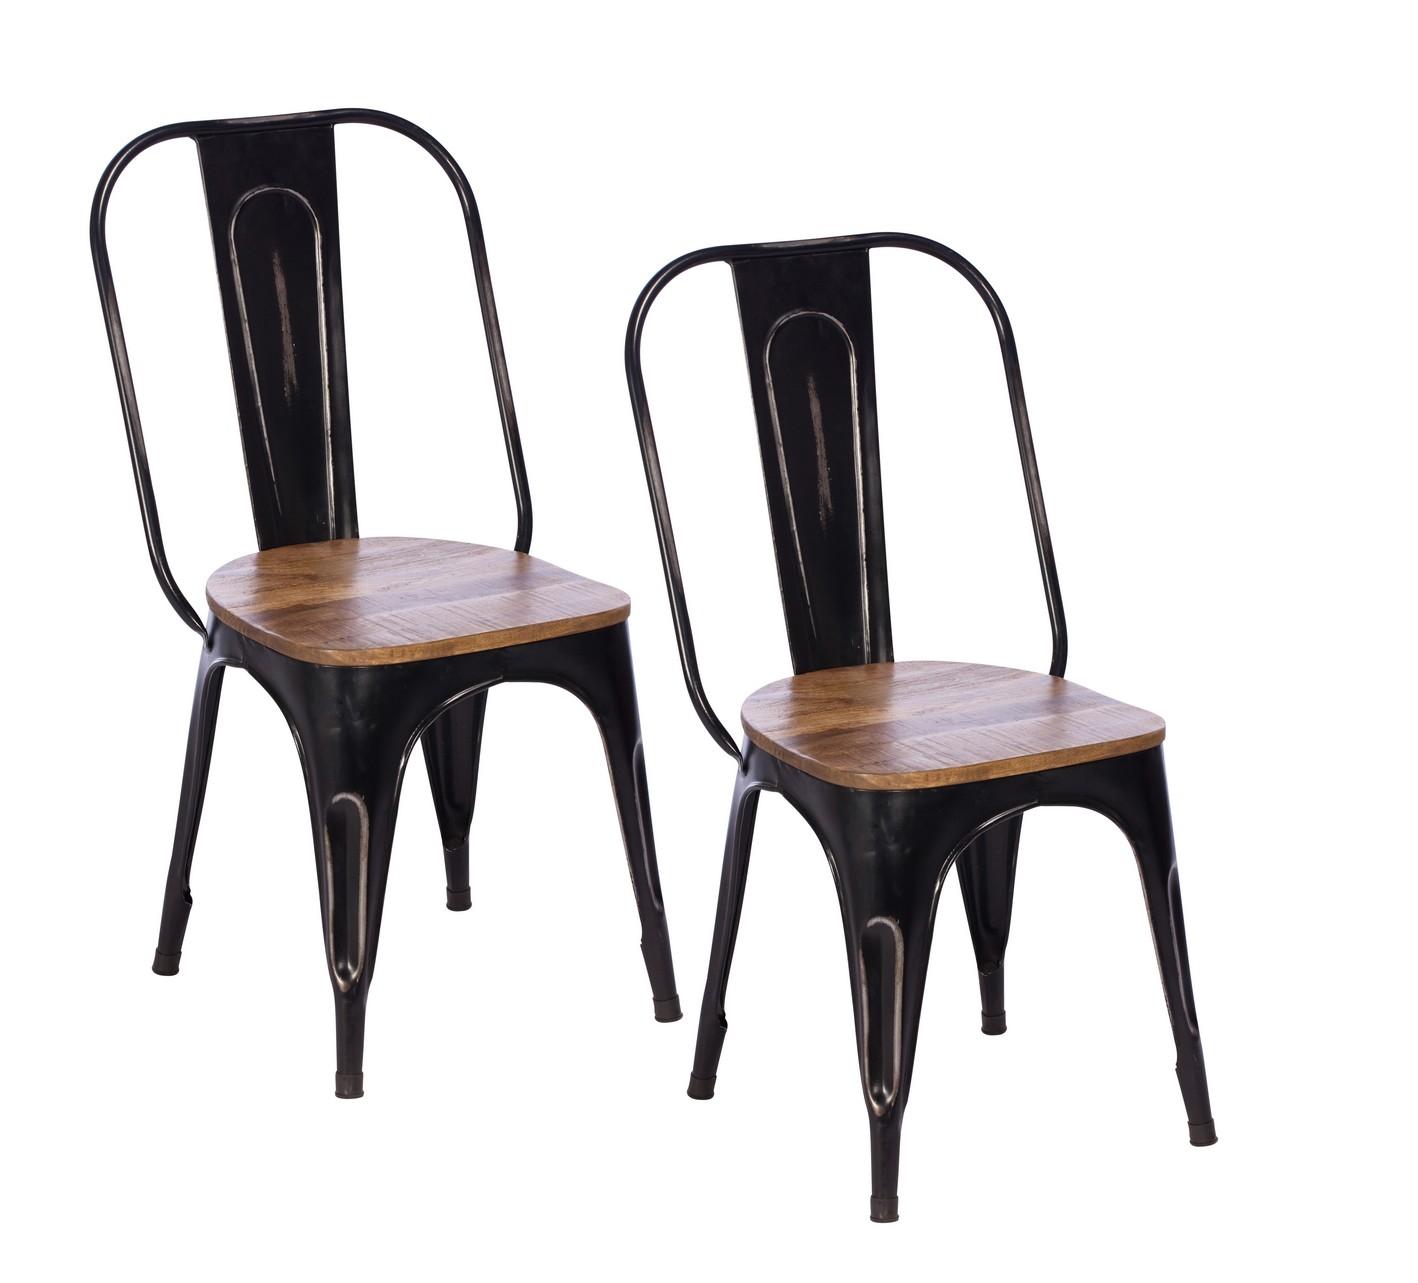 chaise industrielle metal noir bois recycle leeds lot de 2